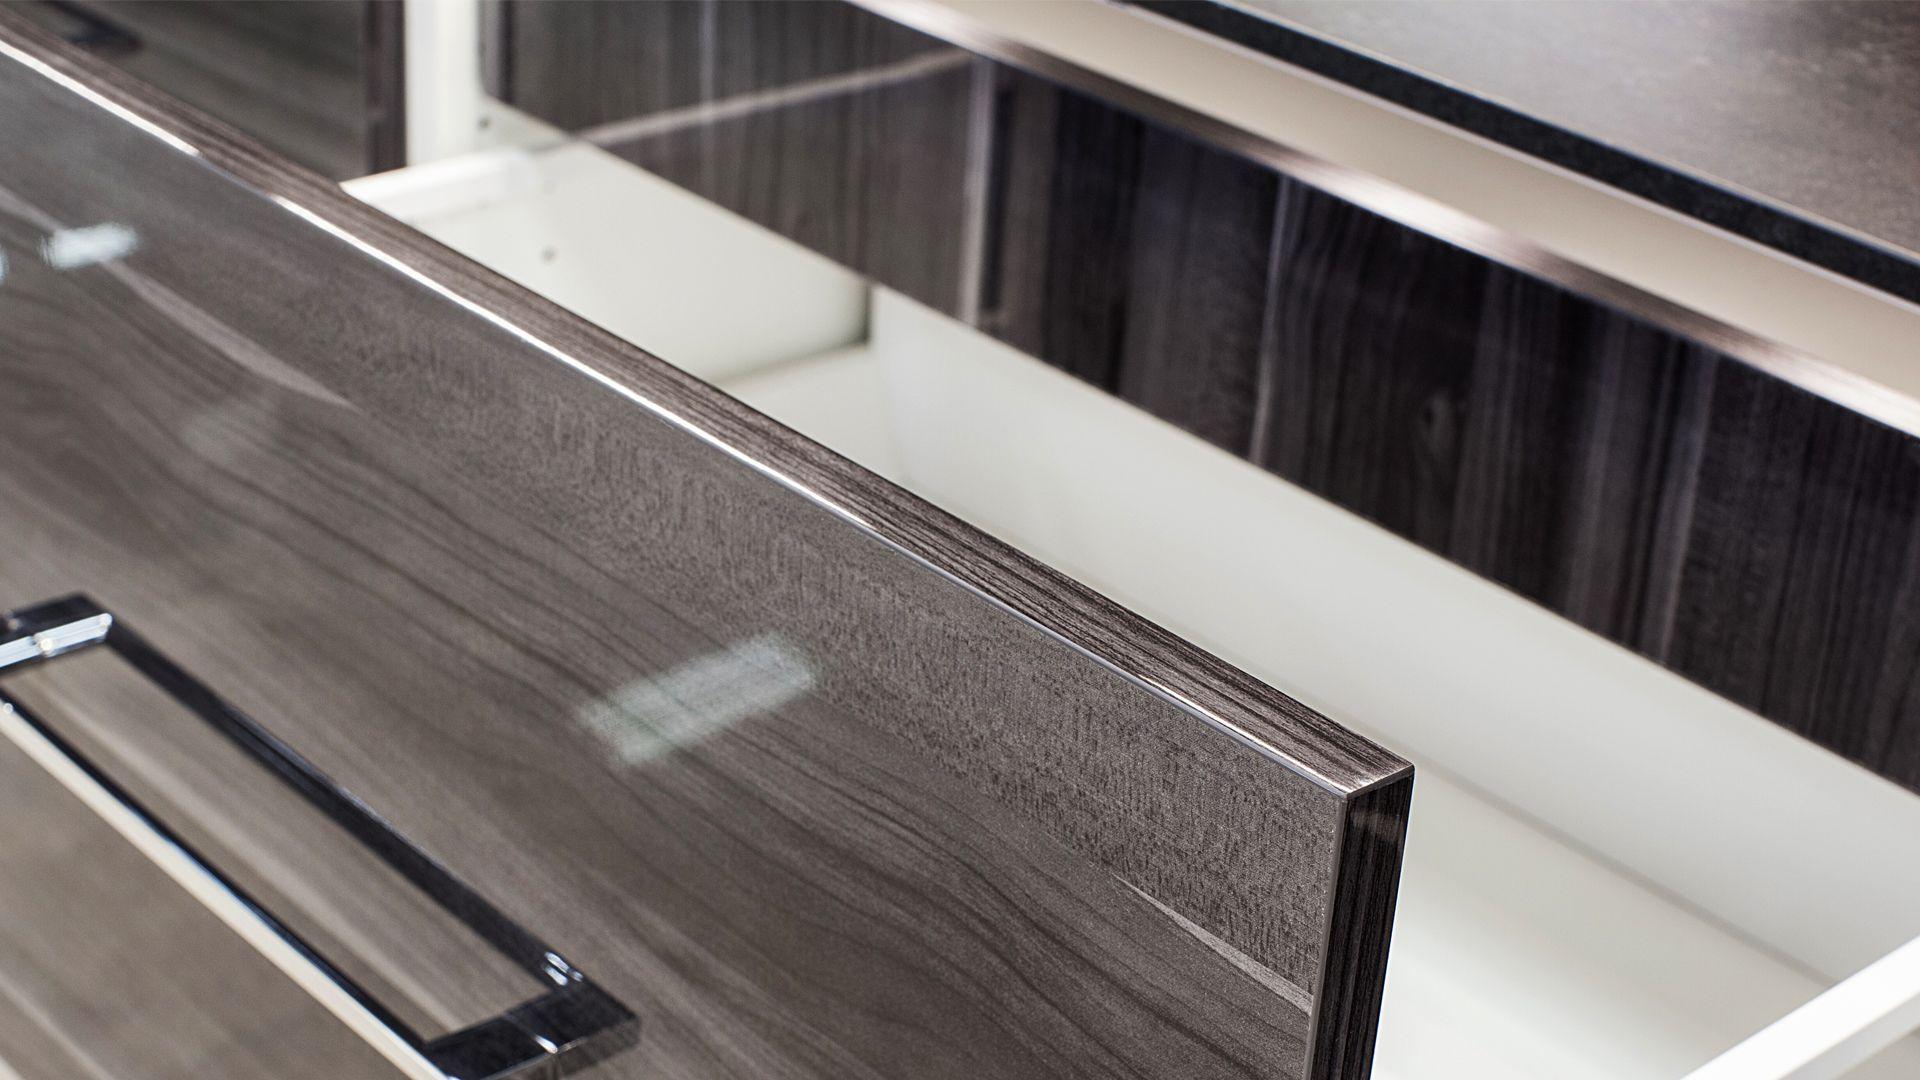 Ikea Kitchen Cabinets Custom Fronts Doors Vangarde Installed For